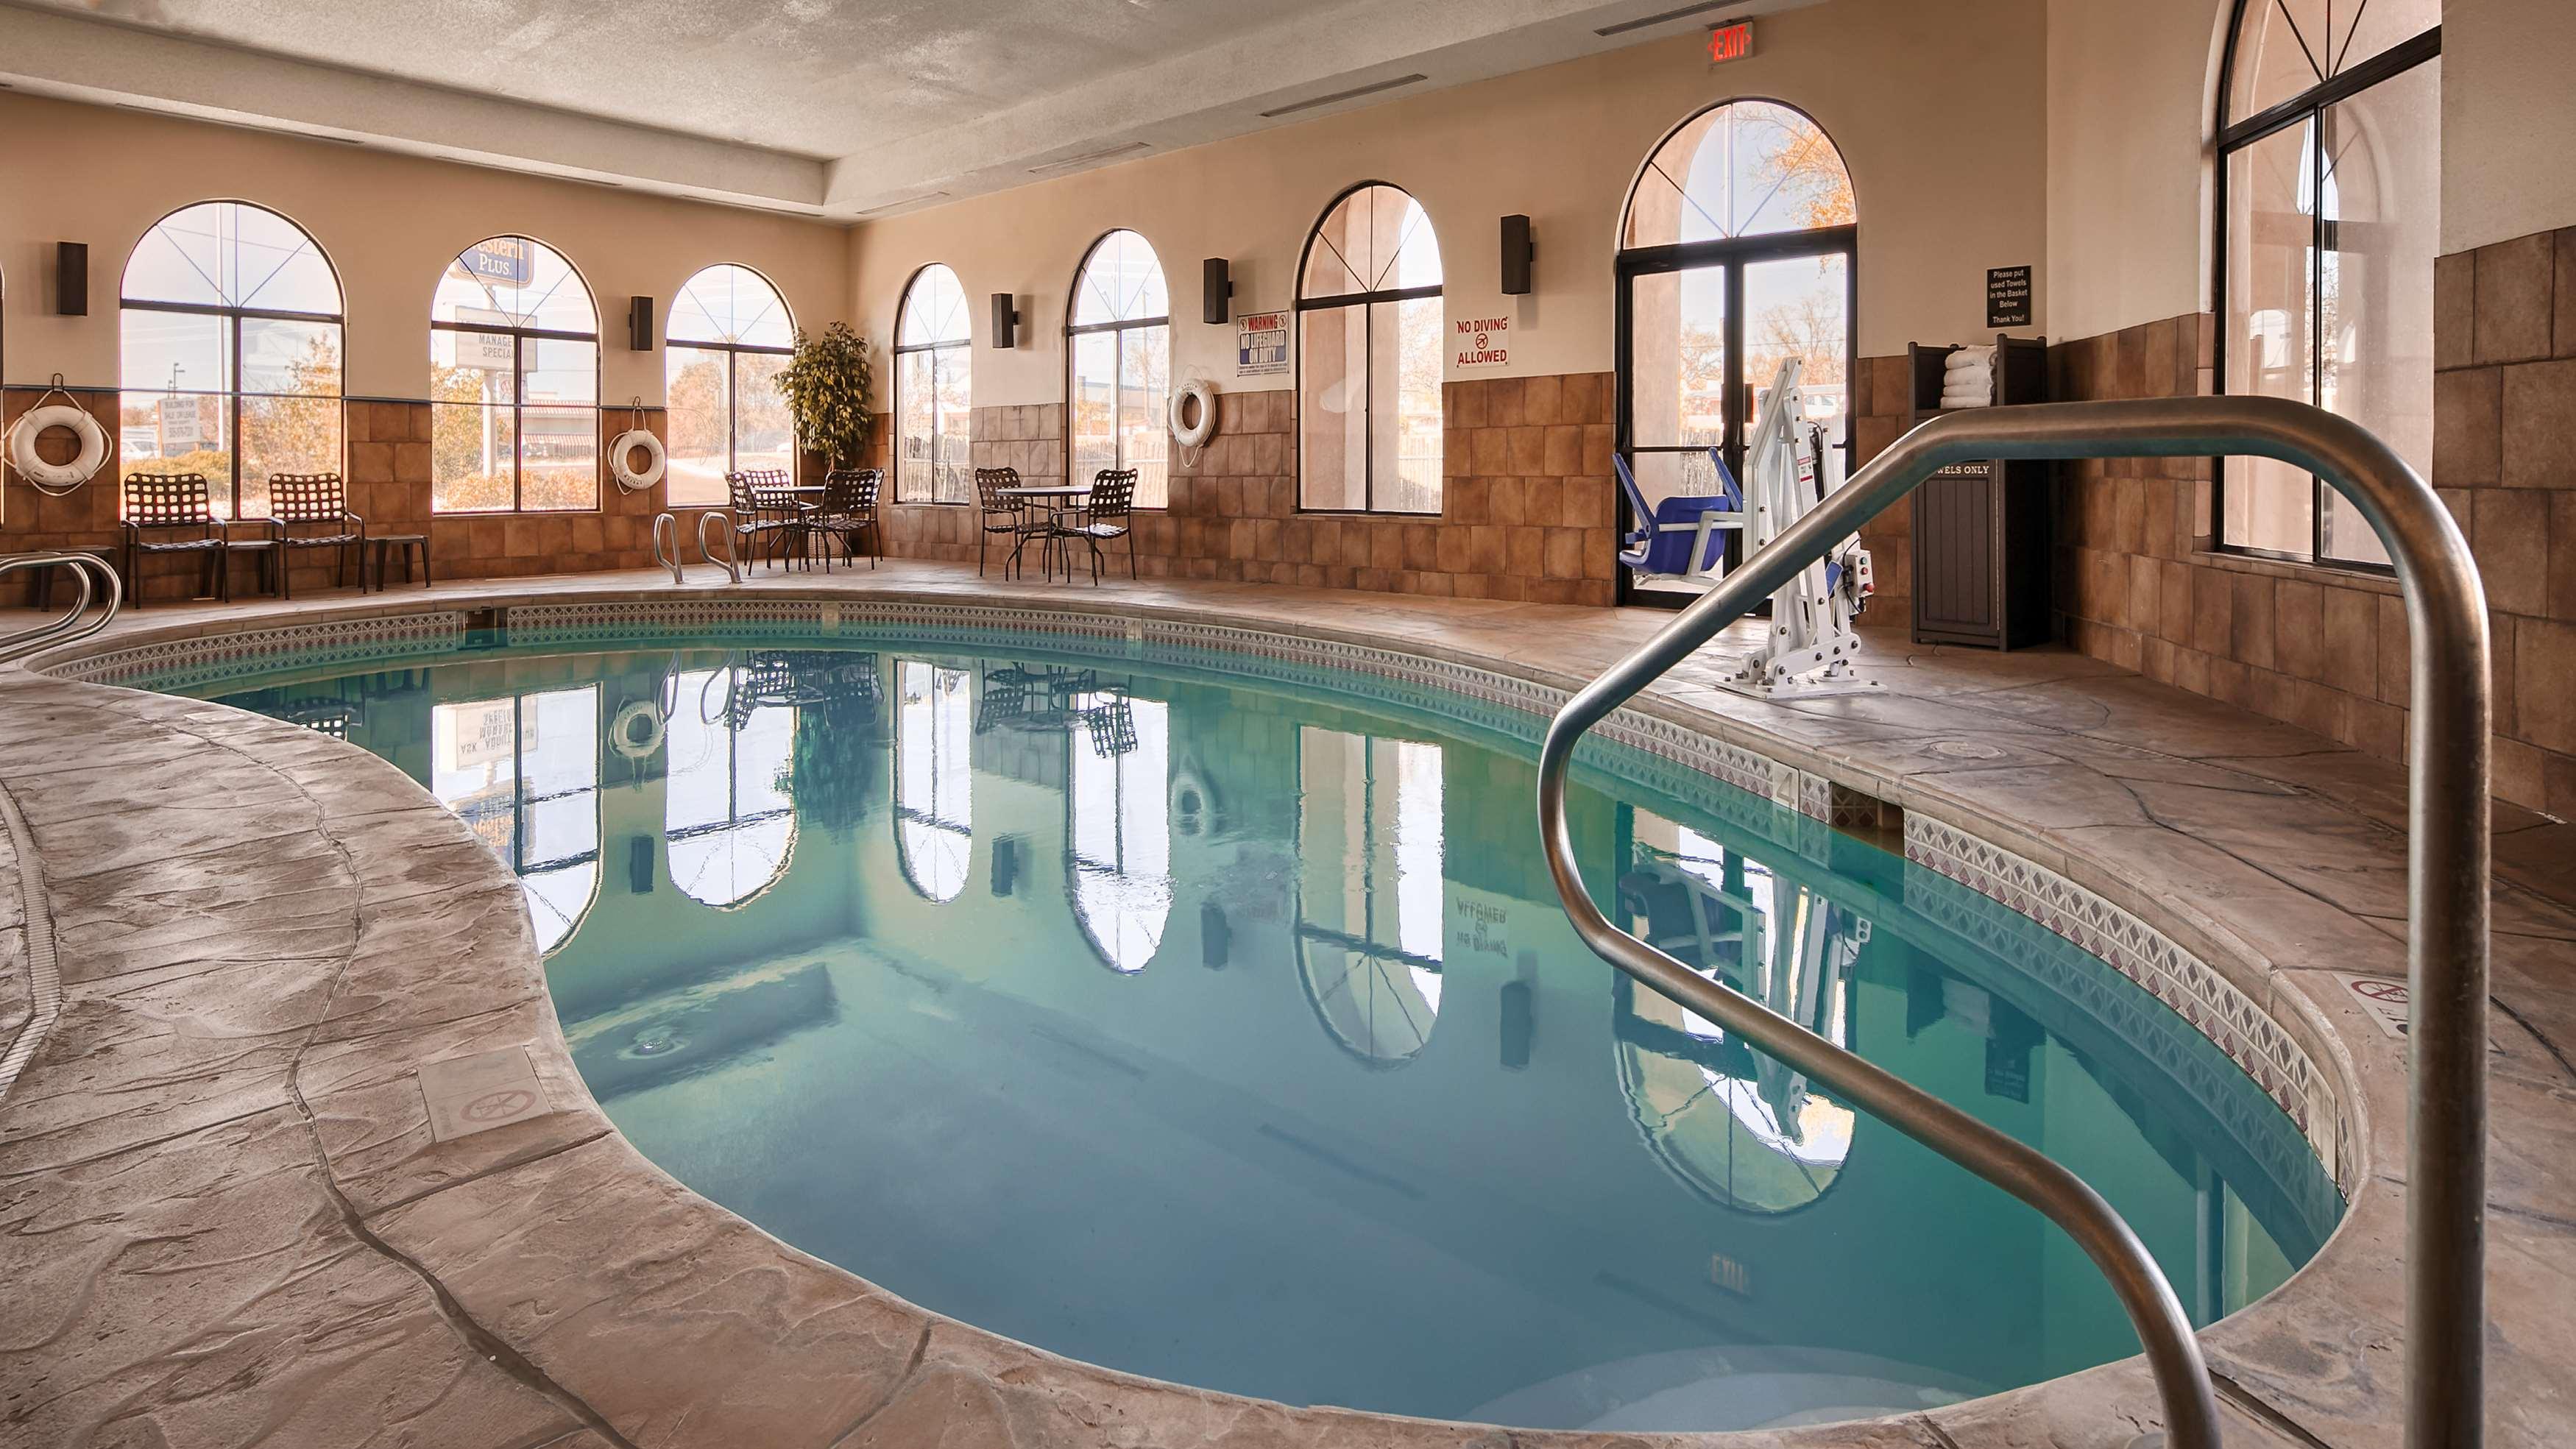 Best Western Plus Inn of Santa Fe image 32